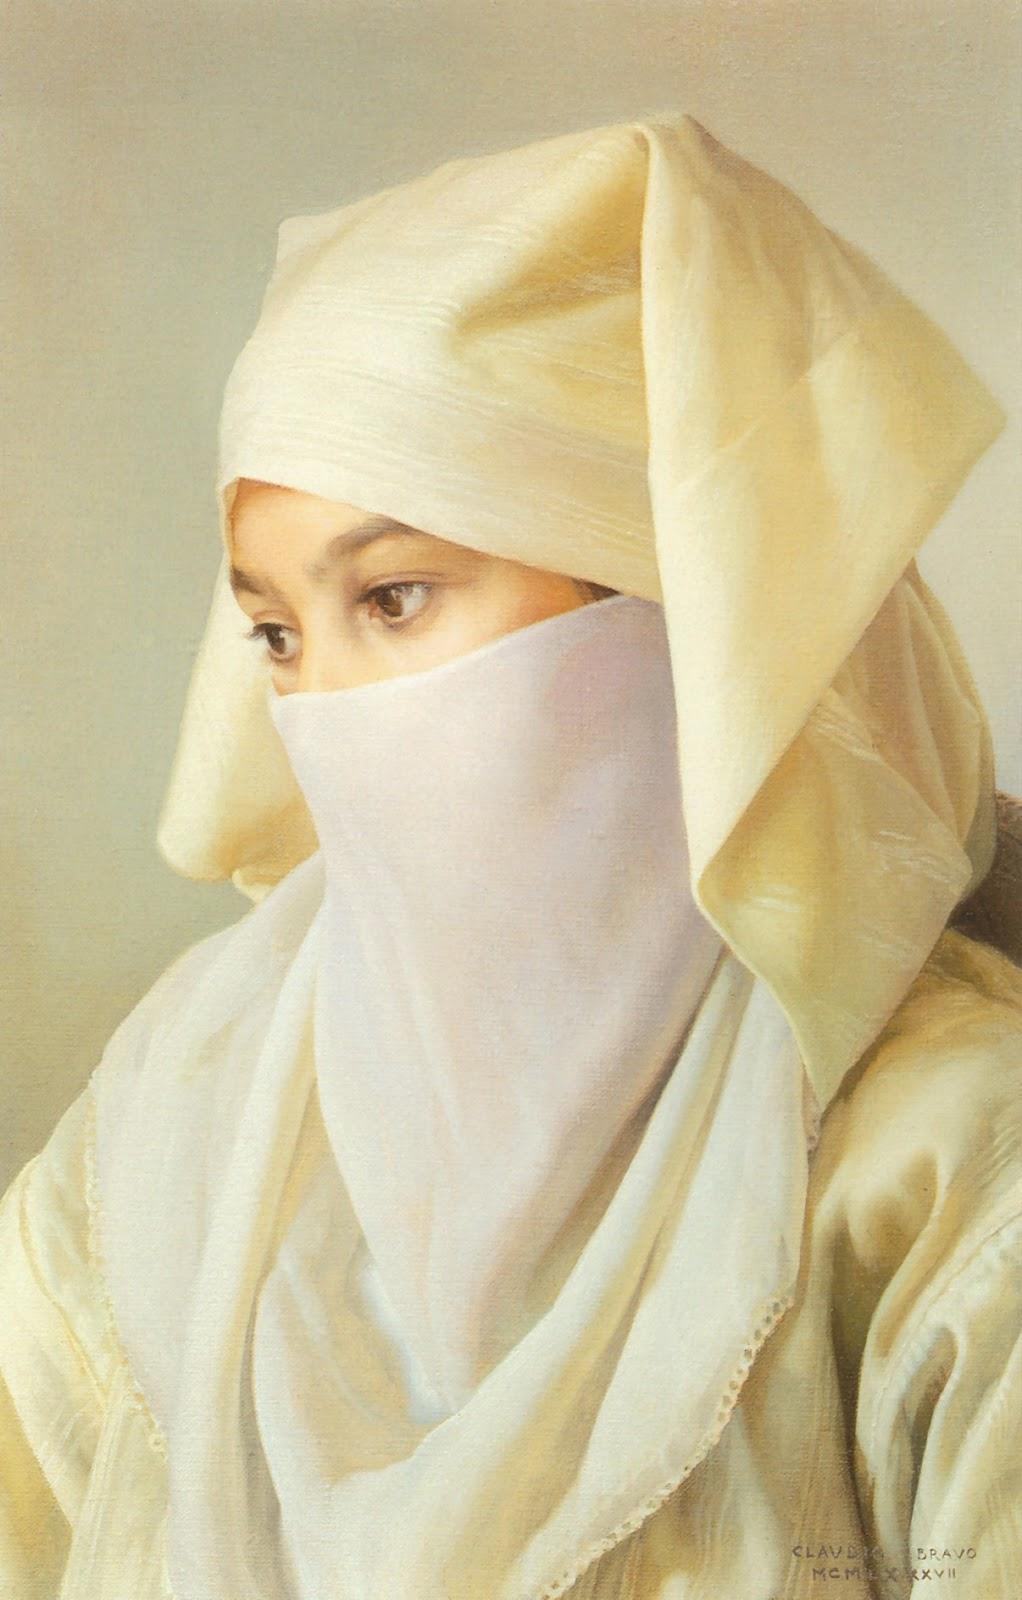 Claudio  ravo Camus The Veil